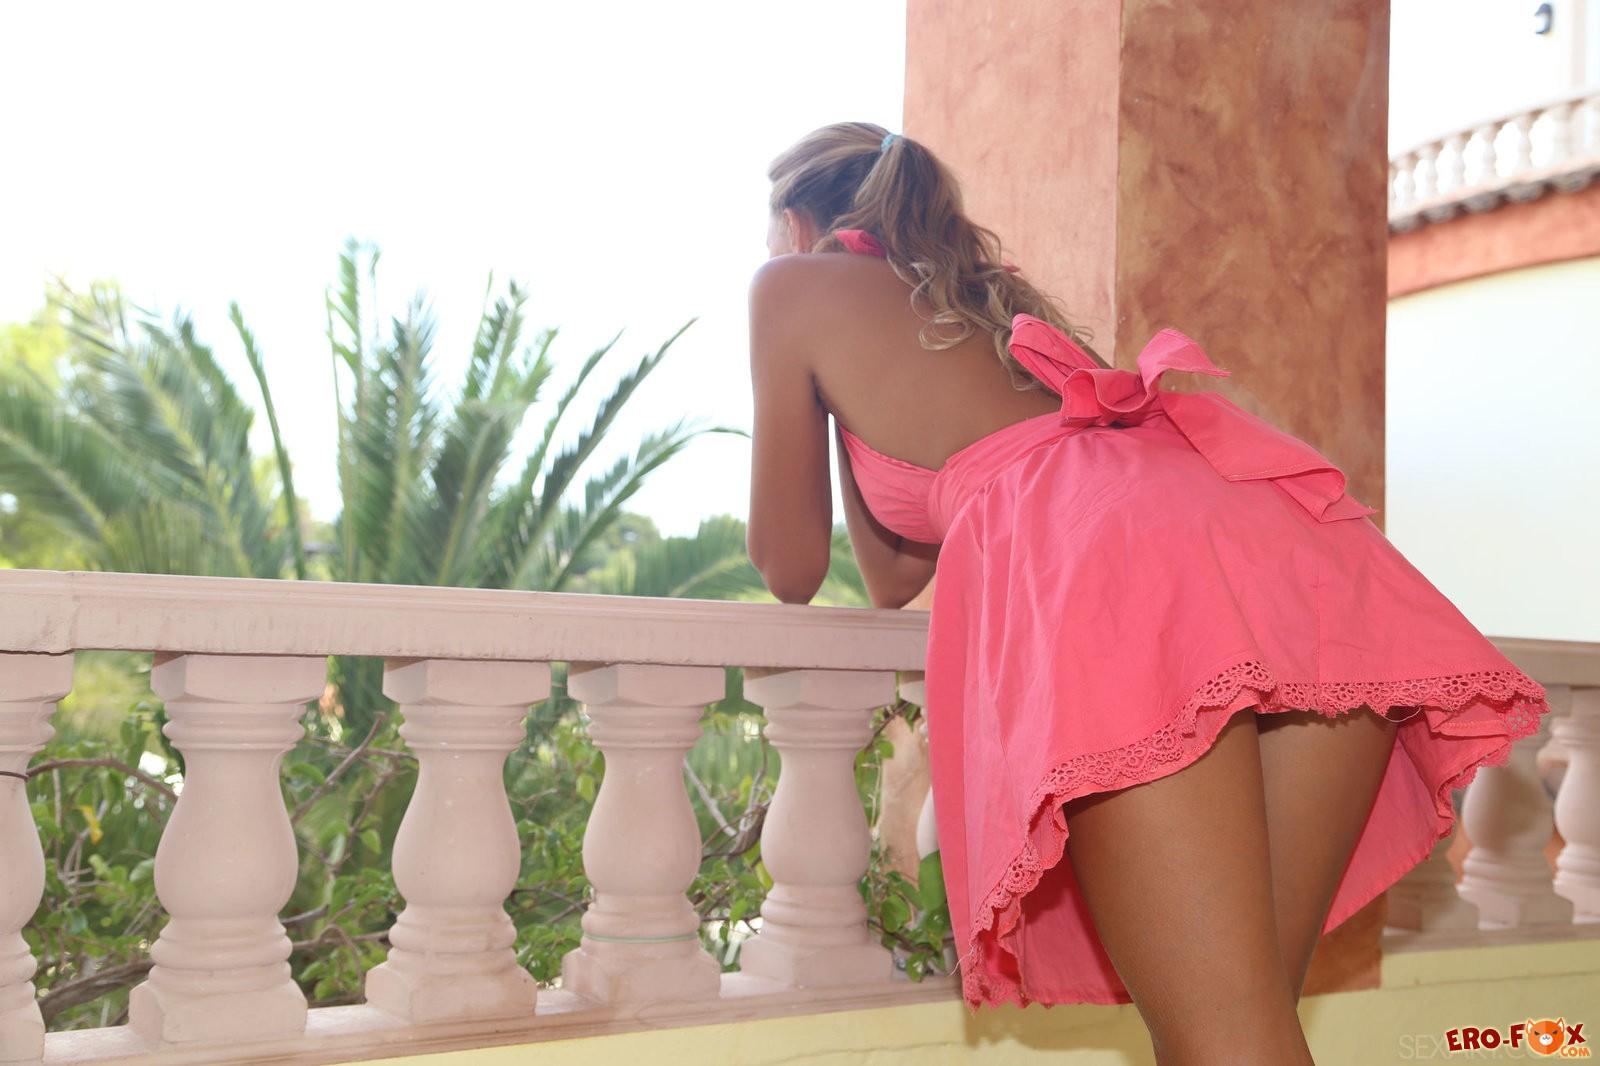 Фото платья без трусиков, Девушка без трусиков под платьем. Фото 3 фотография